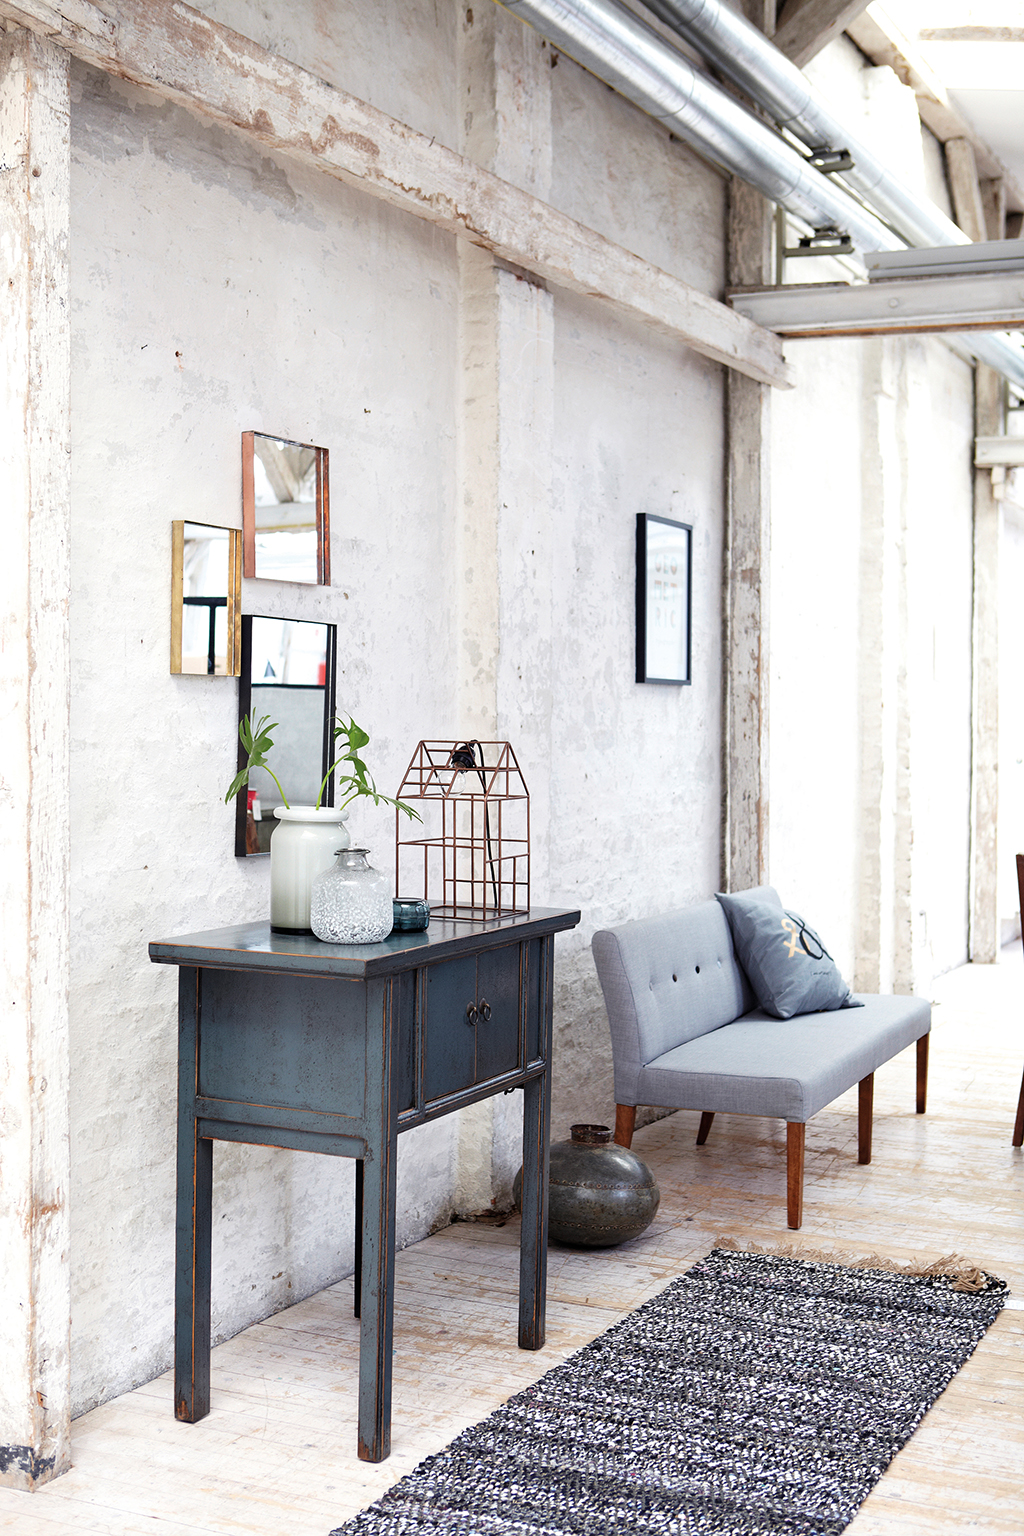 House Doctor Sofa : meble inspirowane stylem skandynawskim north south home blog ~ Whattoseeinmadrid.com Haus und Dekorationen